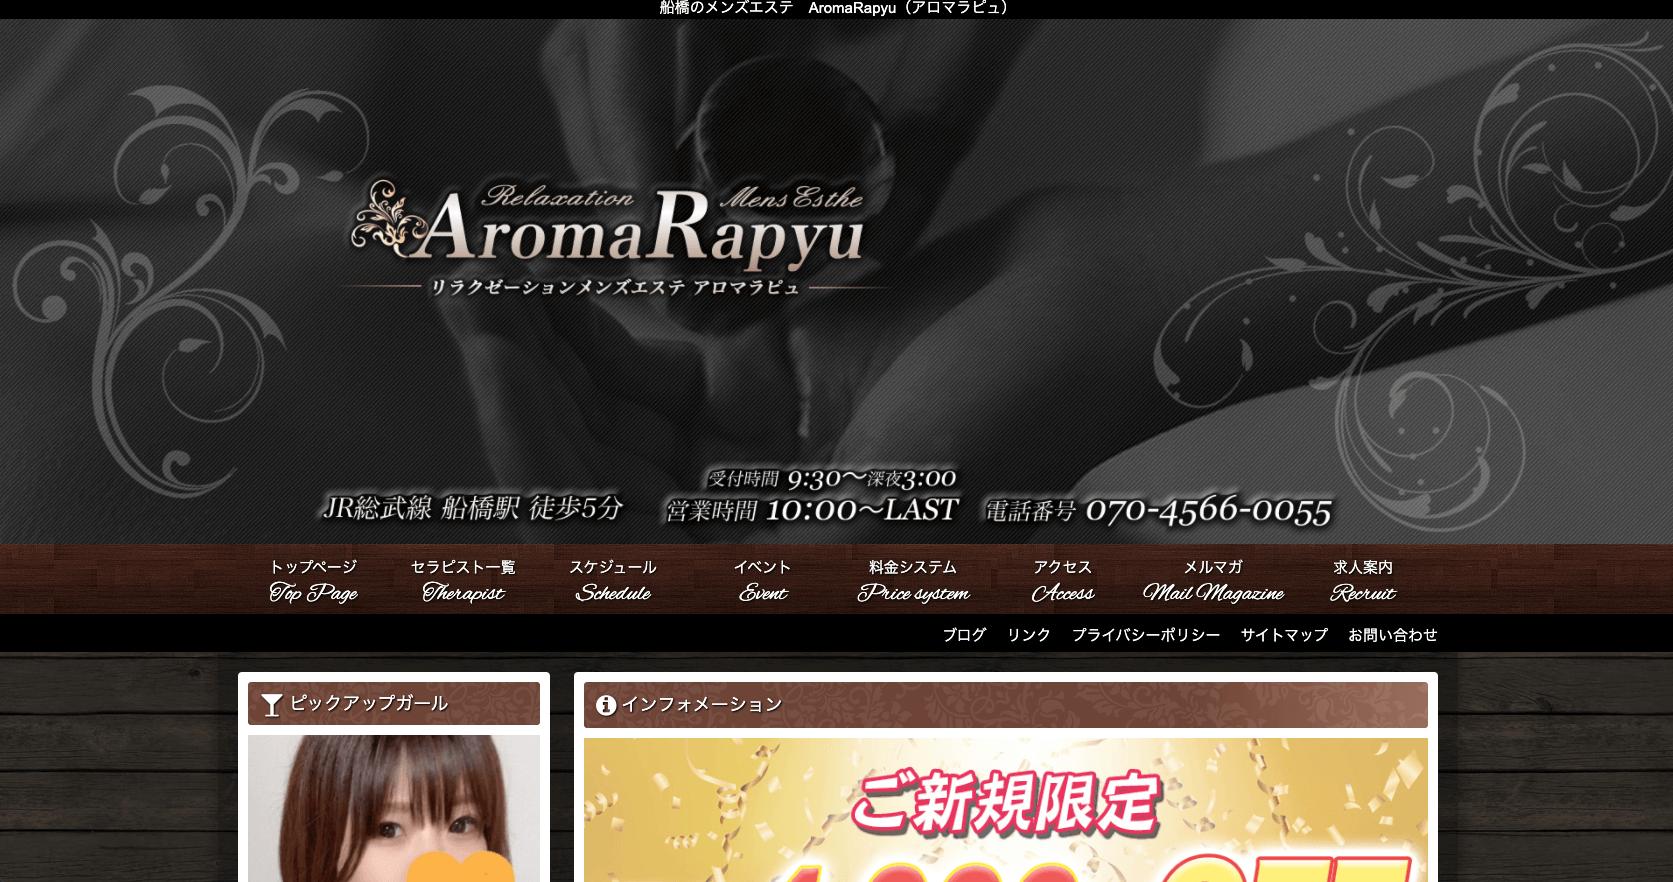 AromaRapyu(アロマラピュ)